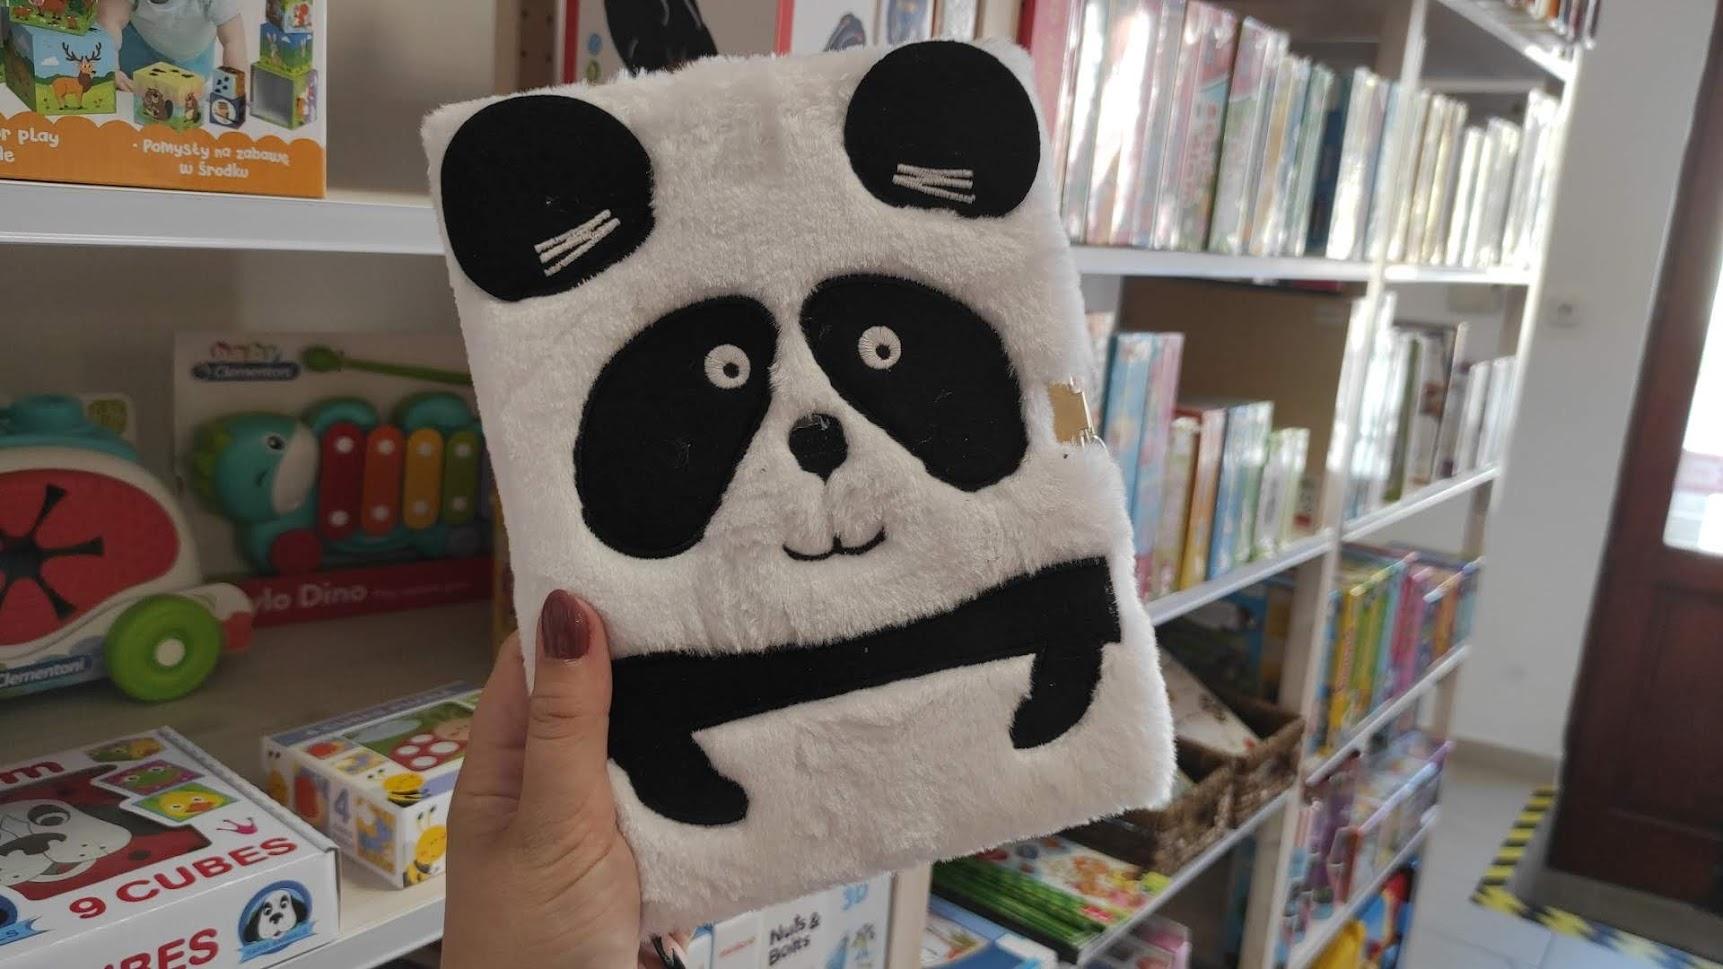 Aranyos plüss panda napló lakattal!